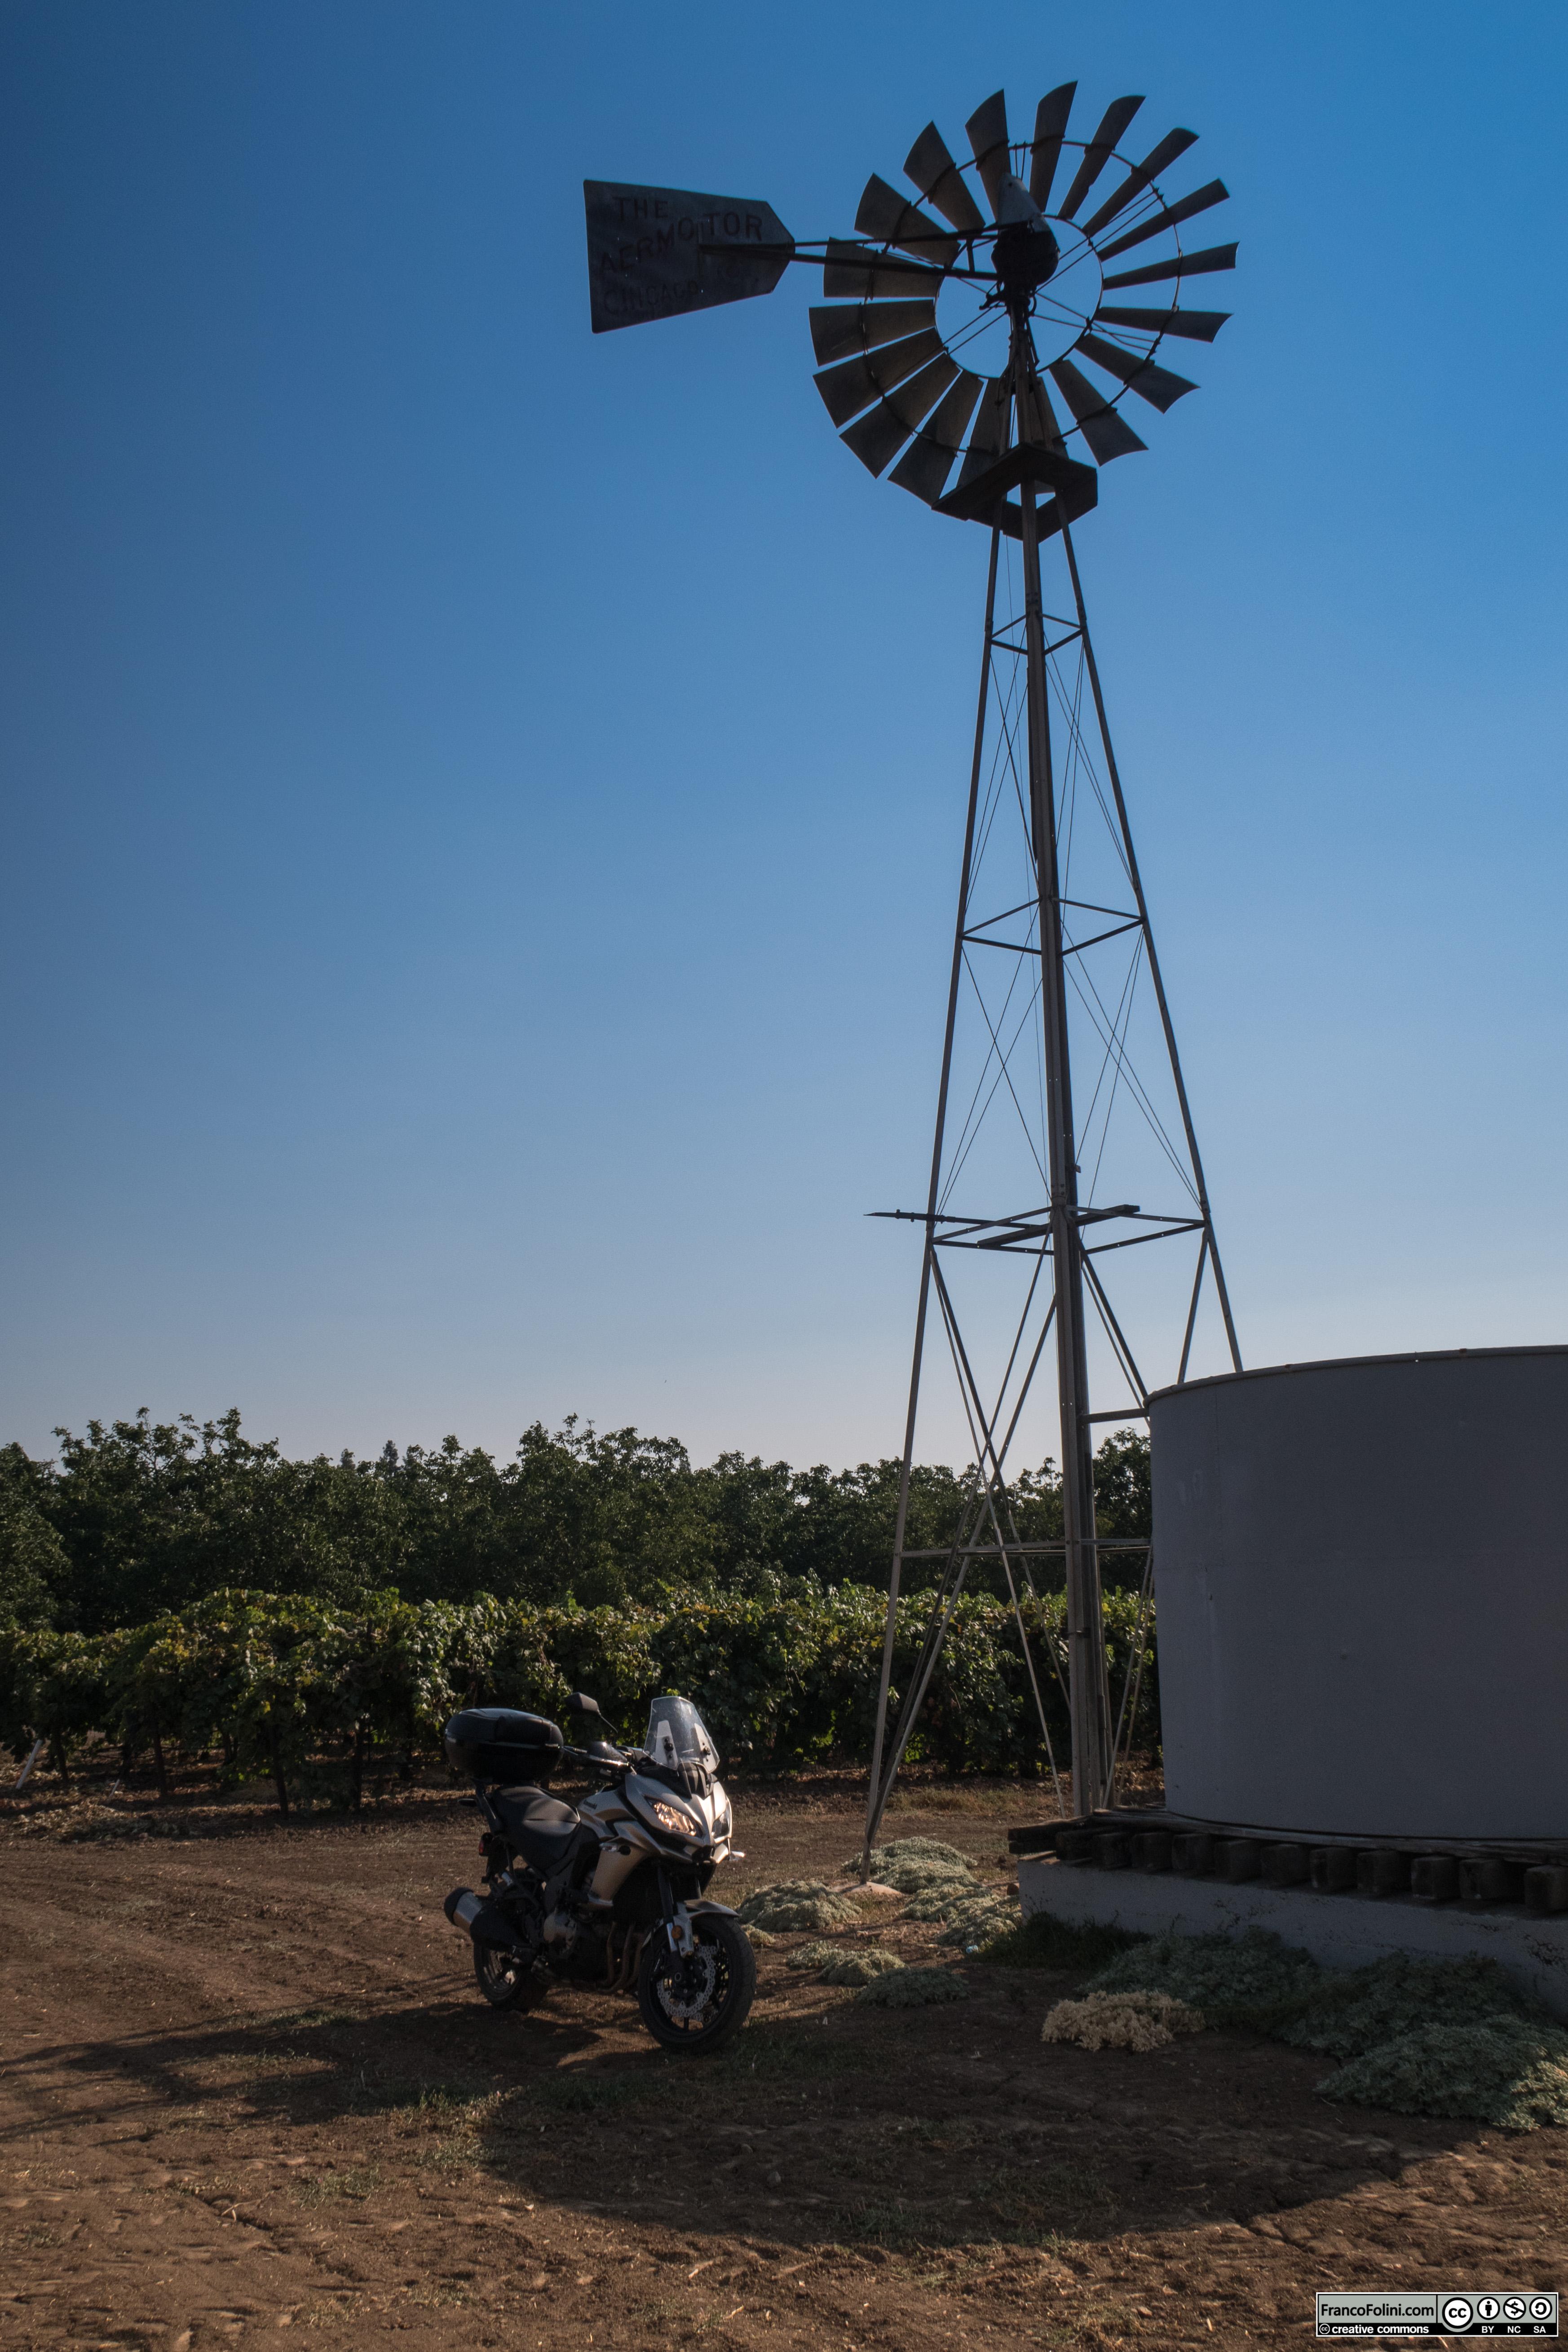 Van Allen Road, Farmington, CA: vigne con mulino a vento per l'irrigazione